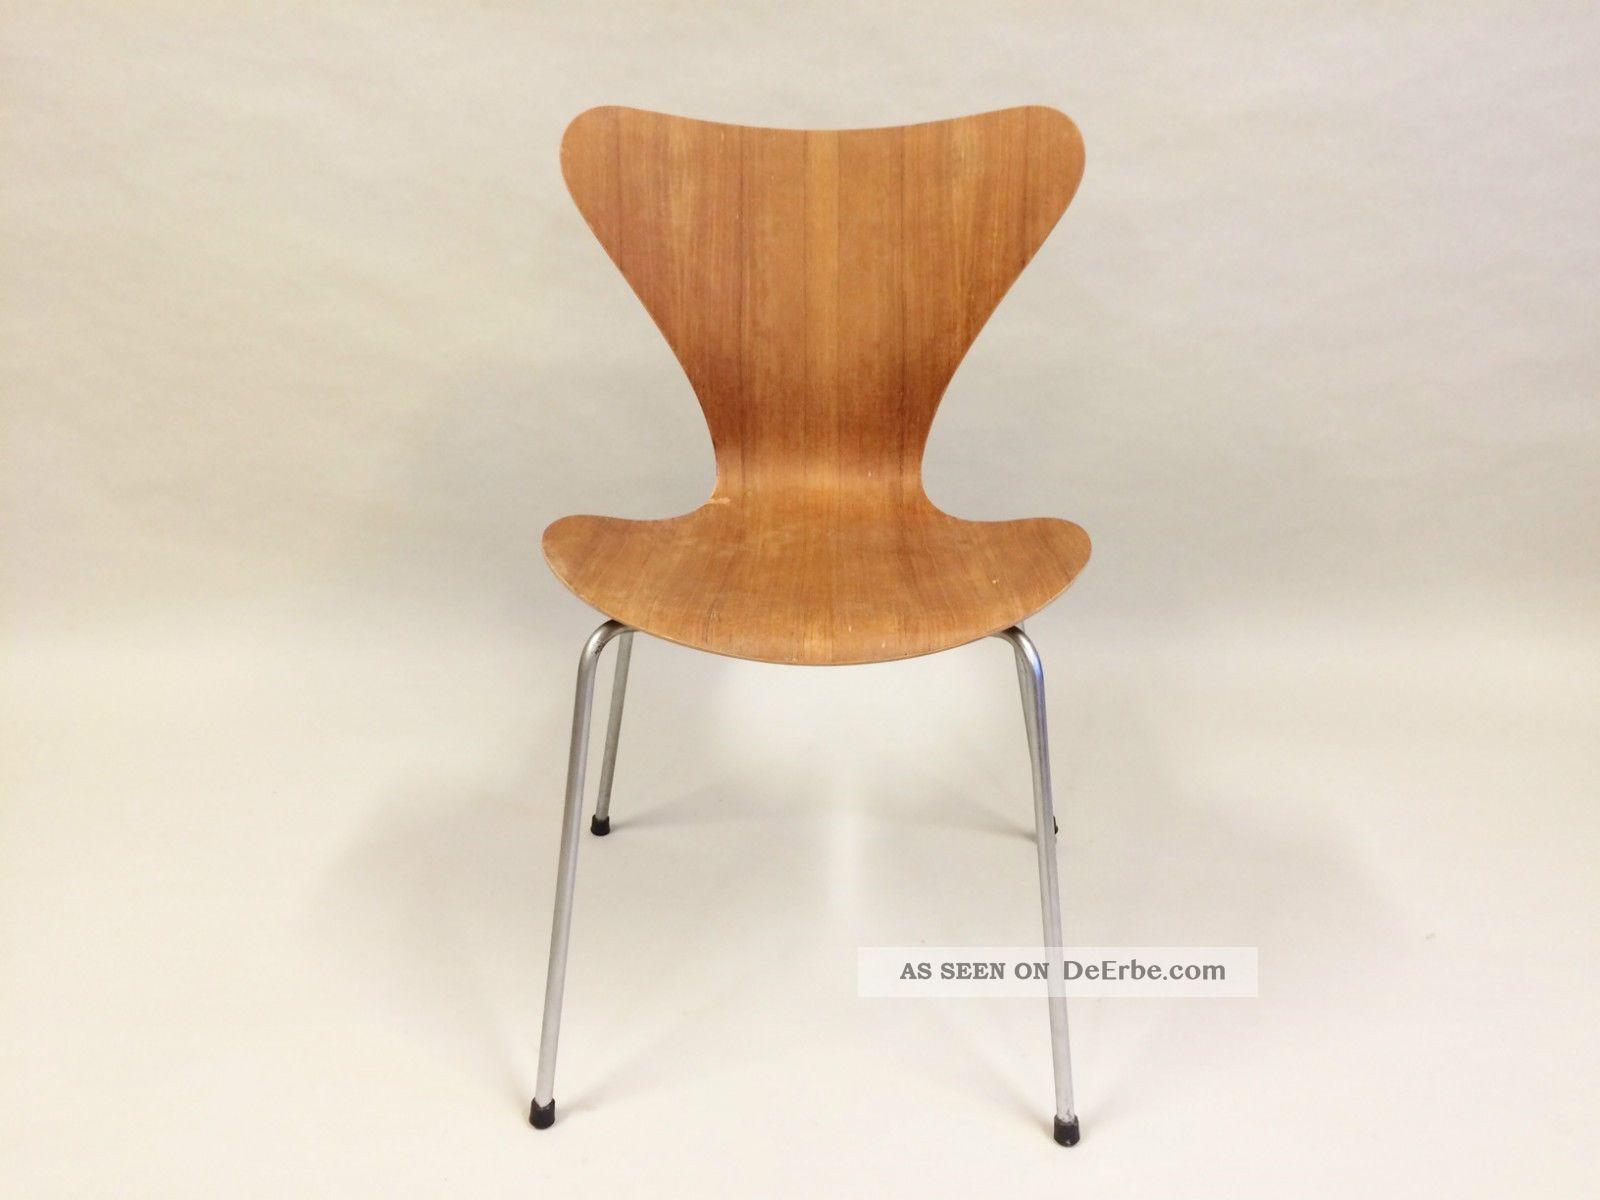 Arne Jacobsen Stühle arne jacobsen 3107 stuhl teak fritz hansen denmark 1950 1959 bild